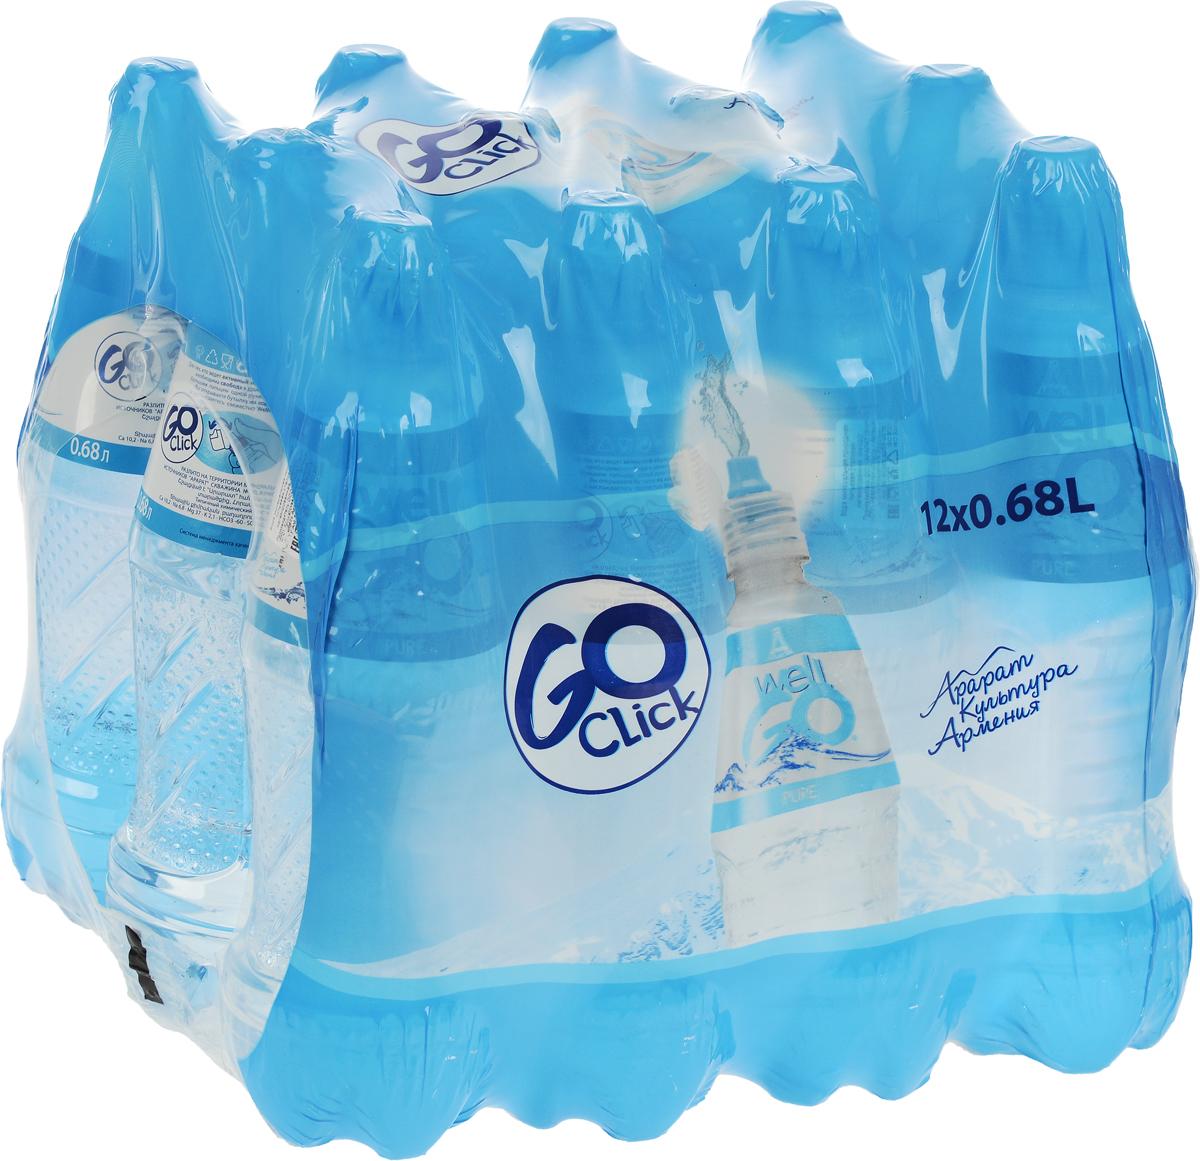 Well Go вода негазированная минеральная столовая природная, 12 штук по 0,68 л0120710Для тех, кто ведет активный образ жизни необходима свобода в движениях. Большим пальцем одной руки Click... вы открываете бутылку на ходу и наслаждаетесь Well GO. Эффект: употребление воды Well GO поможет привести в норму водно-минеральный обмен организма после спортивных тренировок, стимулирует систему пищеварения, благодаря сбалансированному природному минеральному составу.Разлито на территории минеральных источников Арарат скважина №В3, Армения.Уважаемые клиенты! Обращаем ваше внимание, что перечень типичного химического состава продукта представлен на дополнительном изображении.